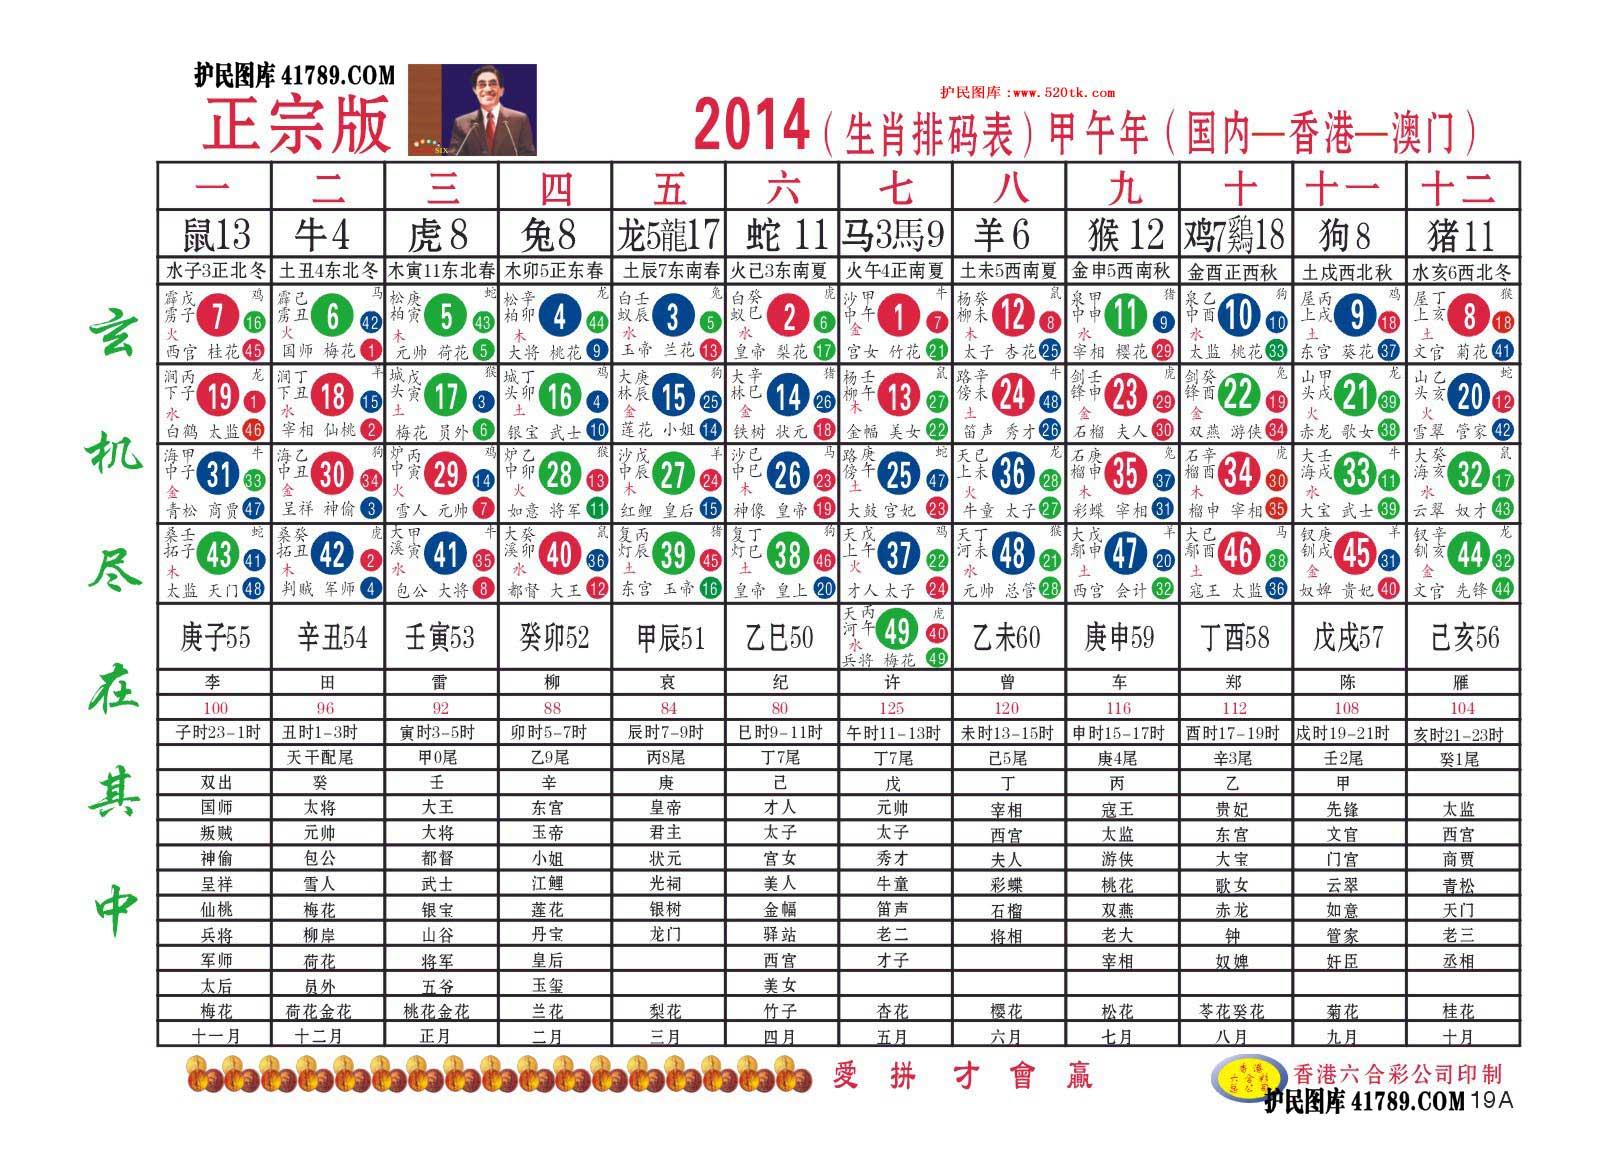 2014生肖表图片